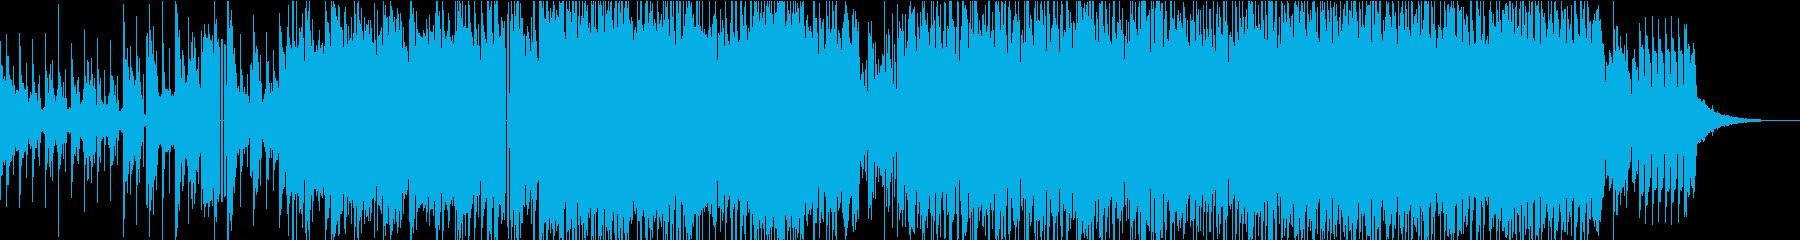 ダンスミュージックのようなEDMの再生済みの波形